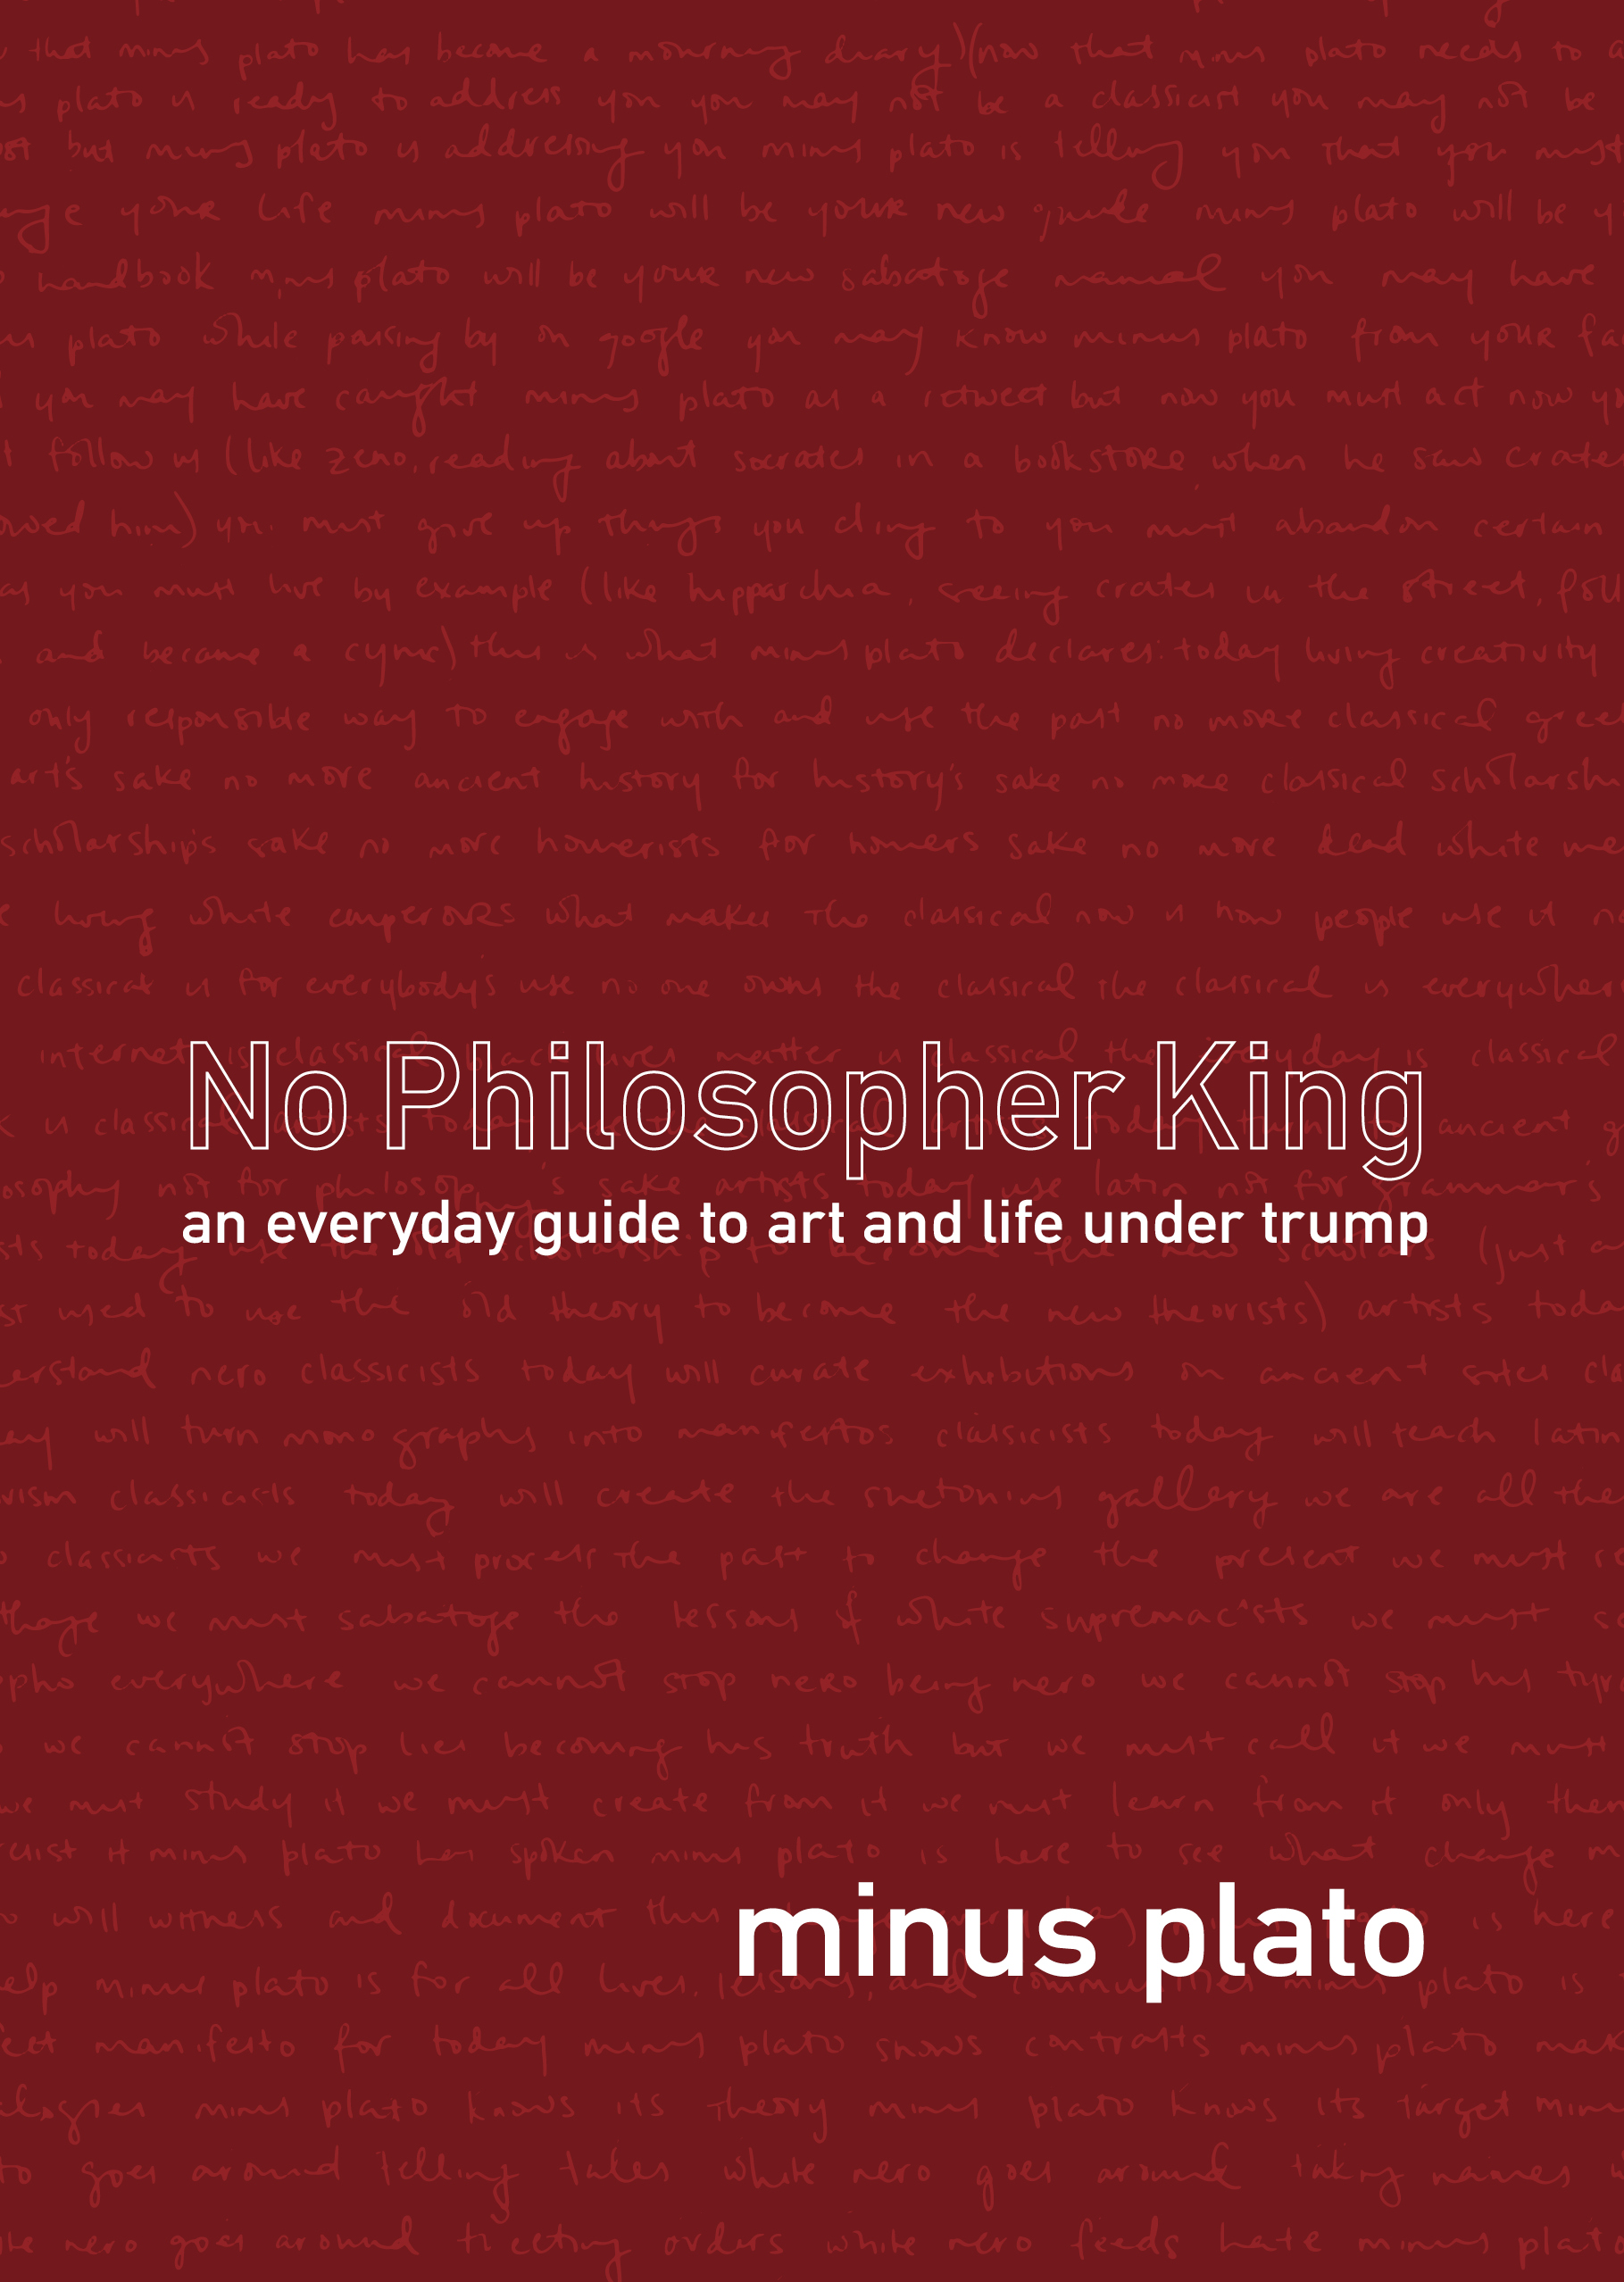 01 PhilosopherKing_FrontCover.jpg